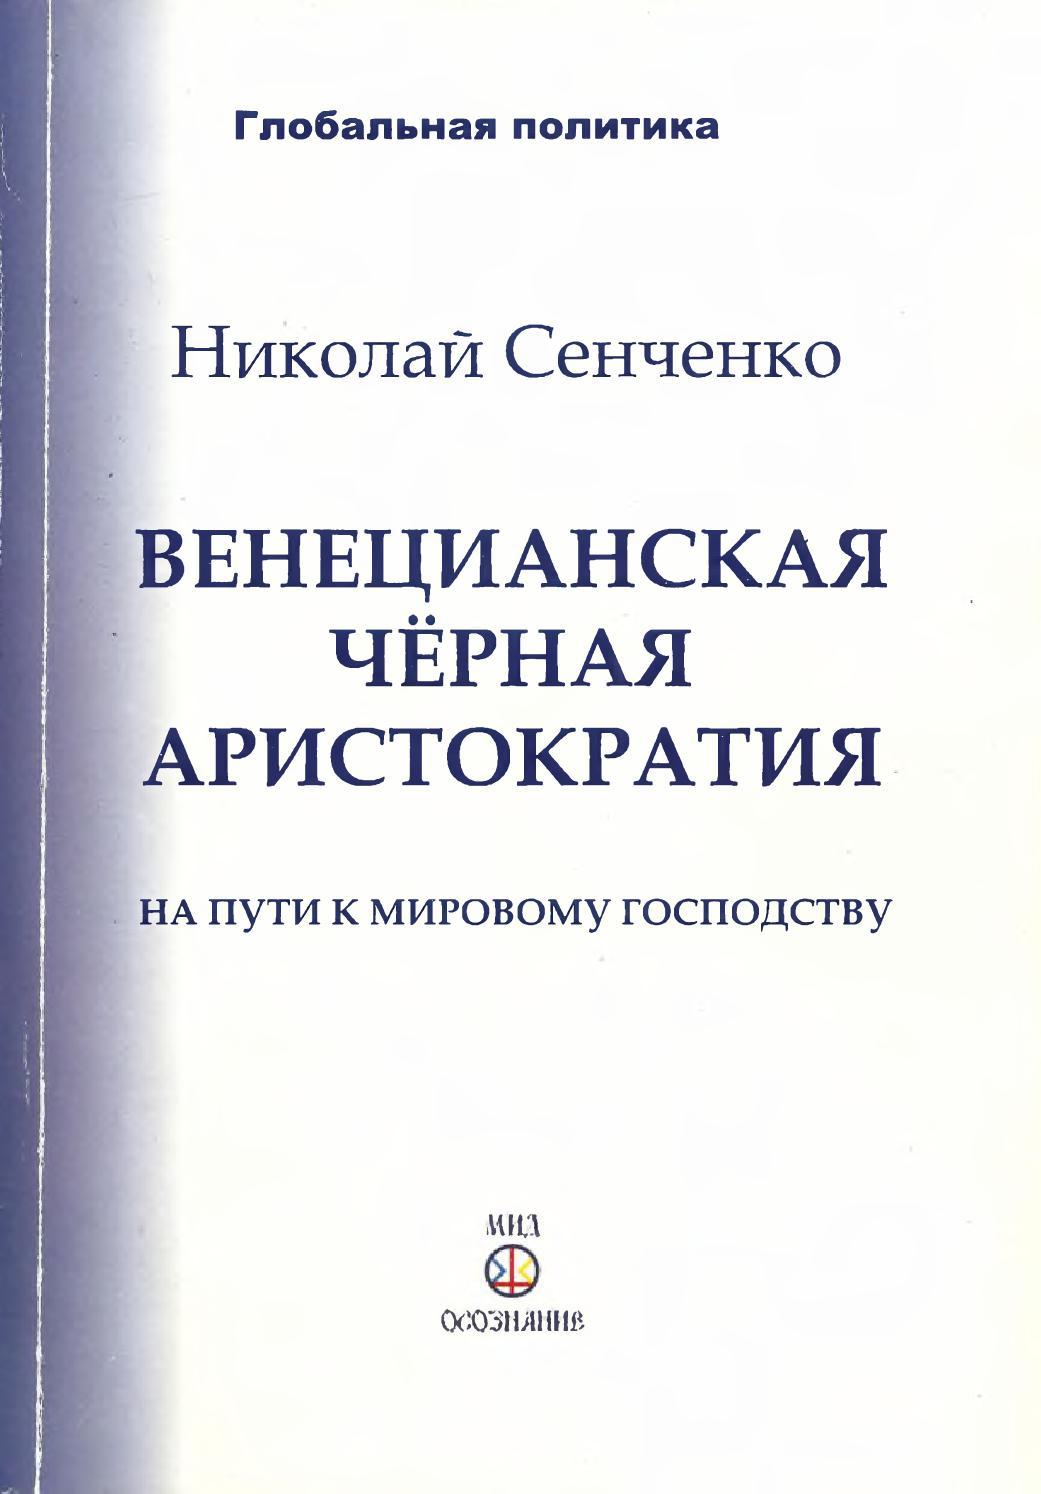 Кадастровая карта кемеровской области